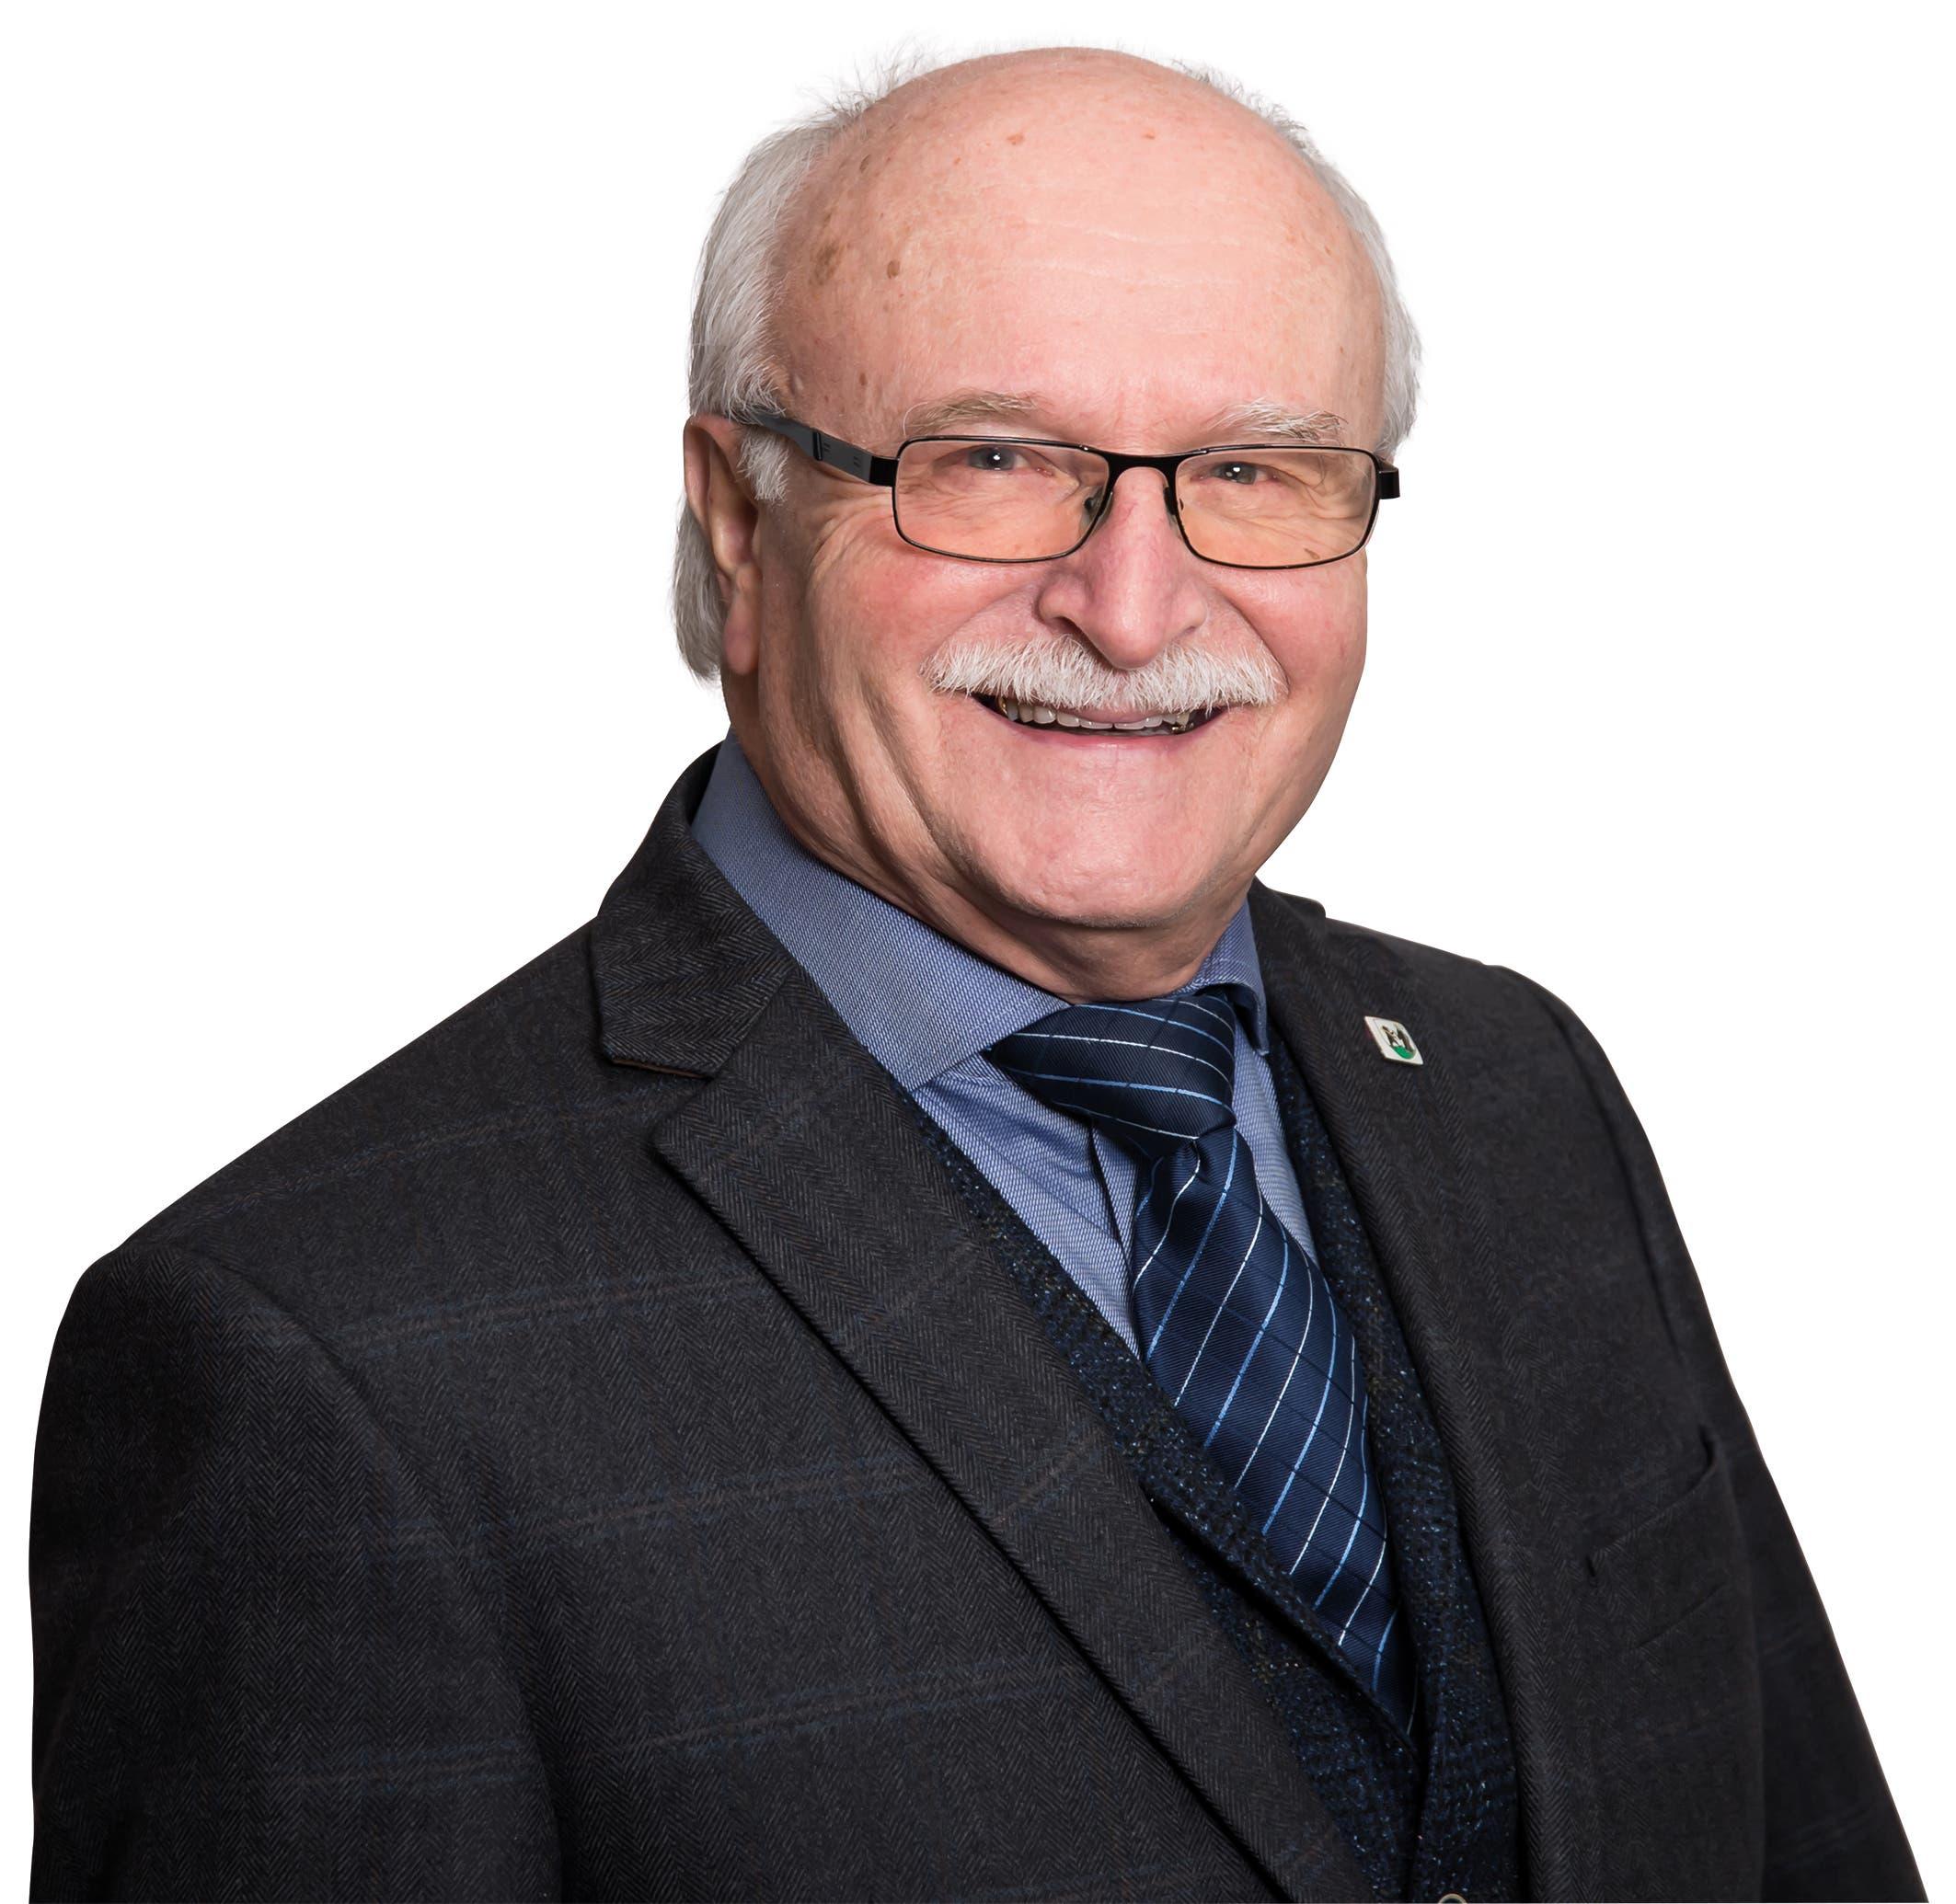 Enrico Ercolani, FDP (bisher)